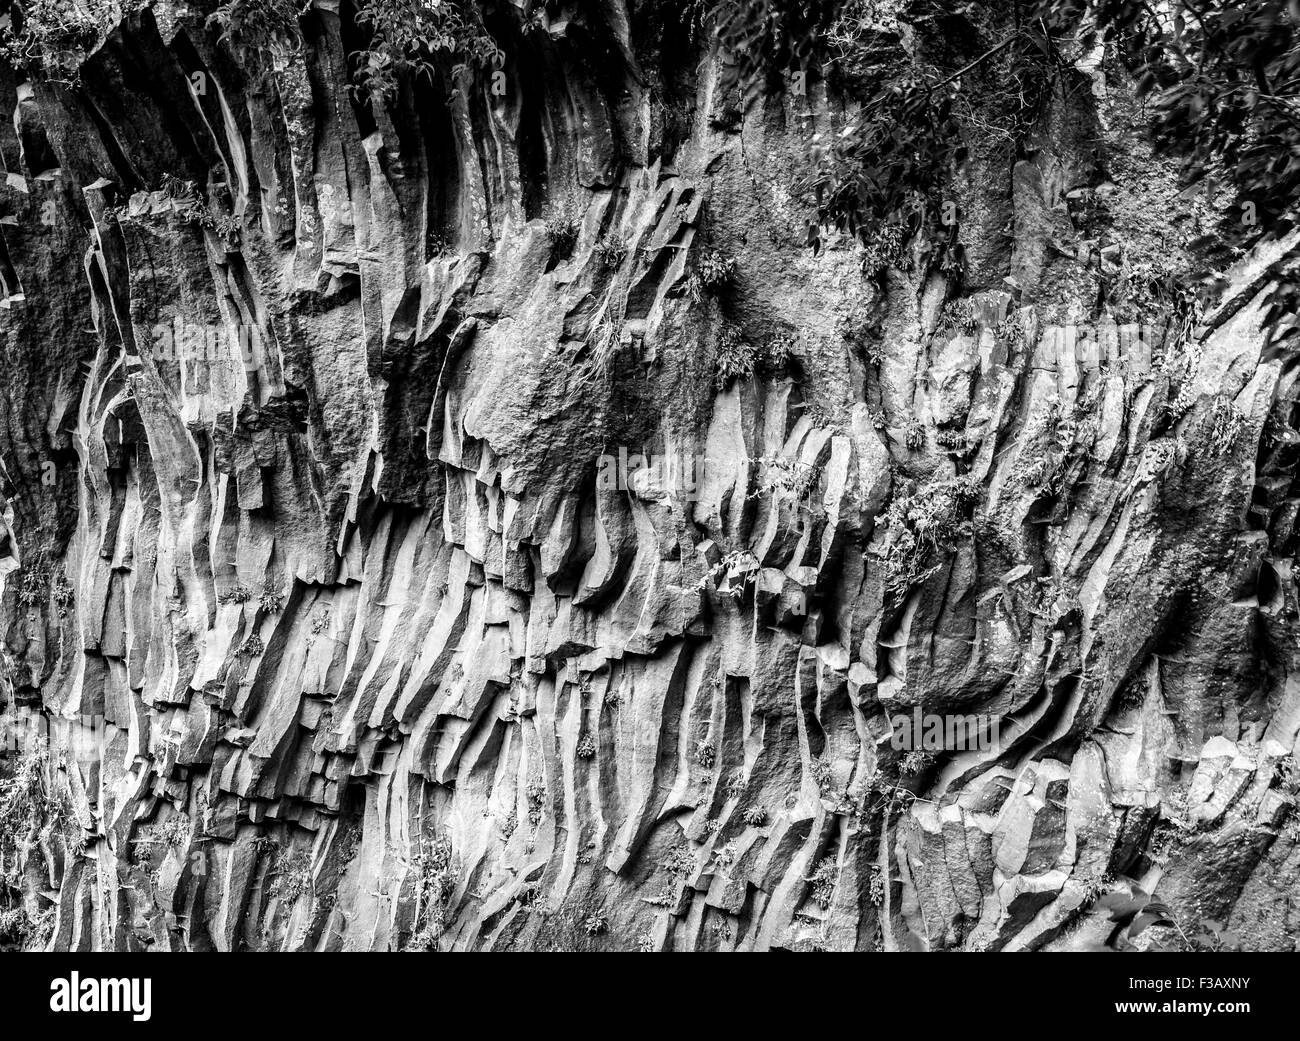 Gorges de l'Alcantara valley. Gole dell'Alcantara. L'Etna, en Sicile. Banque D'Images